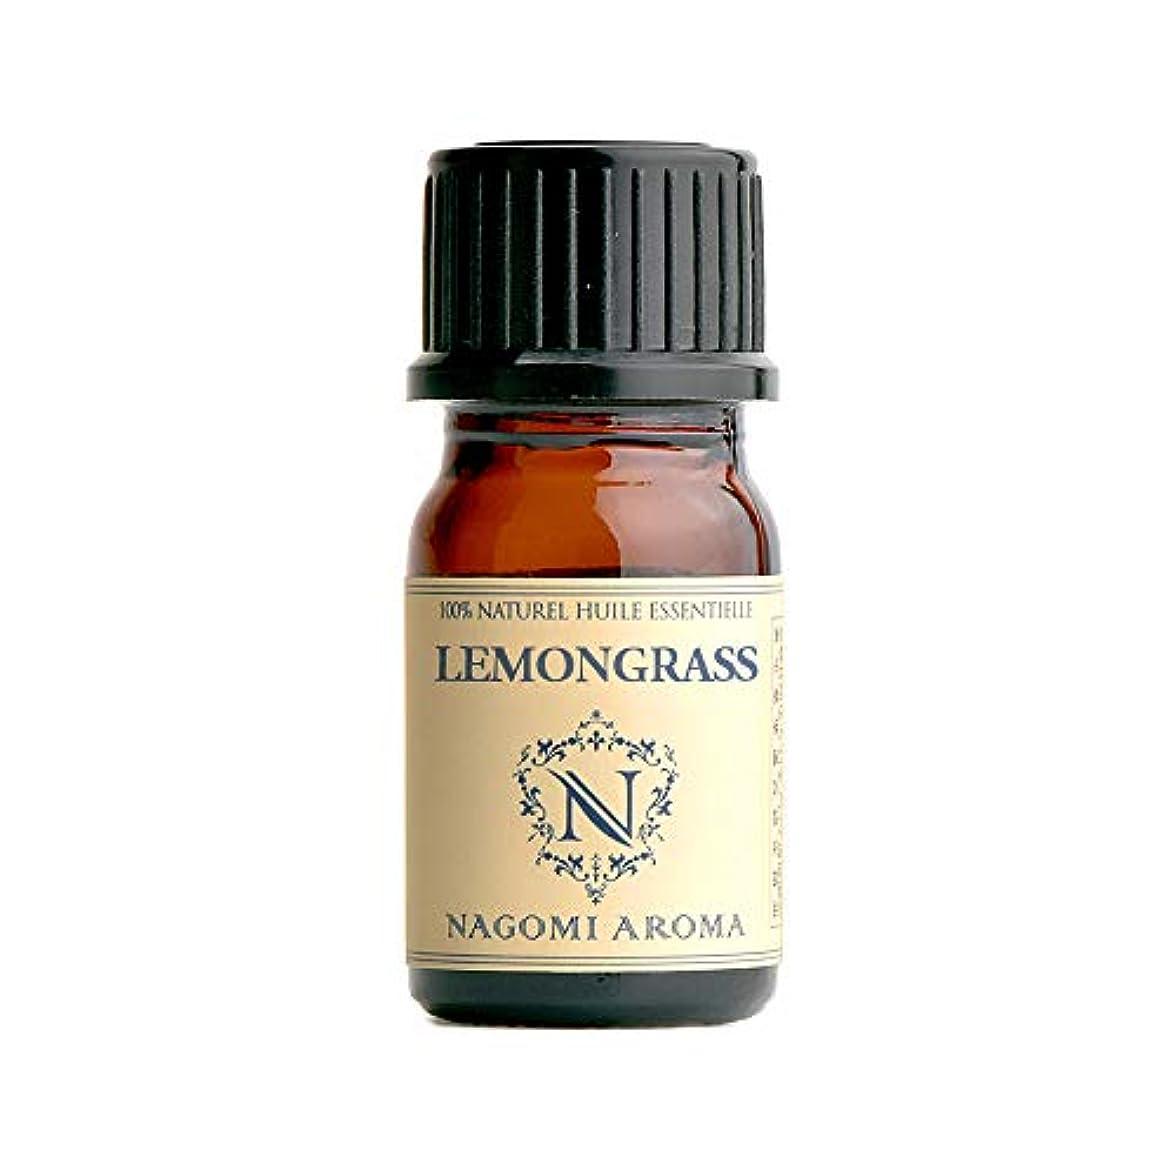 九通行人アダルト【AEAJ認定表示基準認定精油】NAGOMI PURE レモングラス 5ml 【エッセンシャルオイル】【精油】【アロマオイル】|CONVOILs